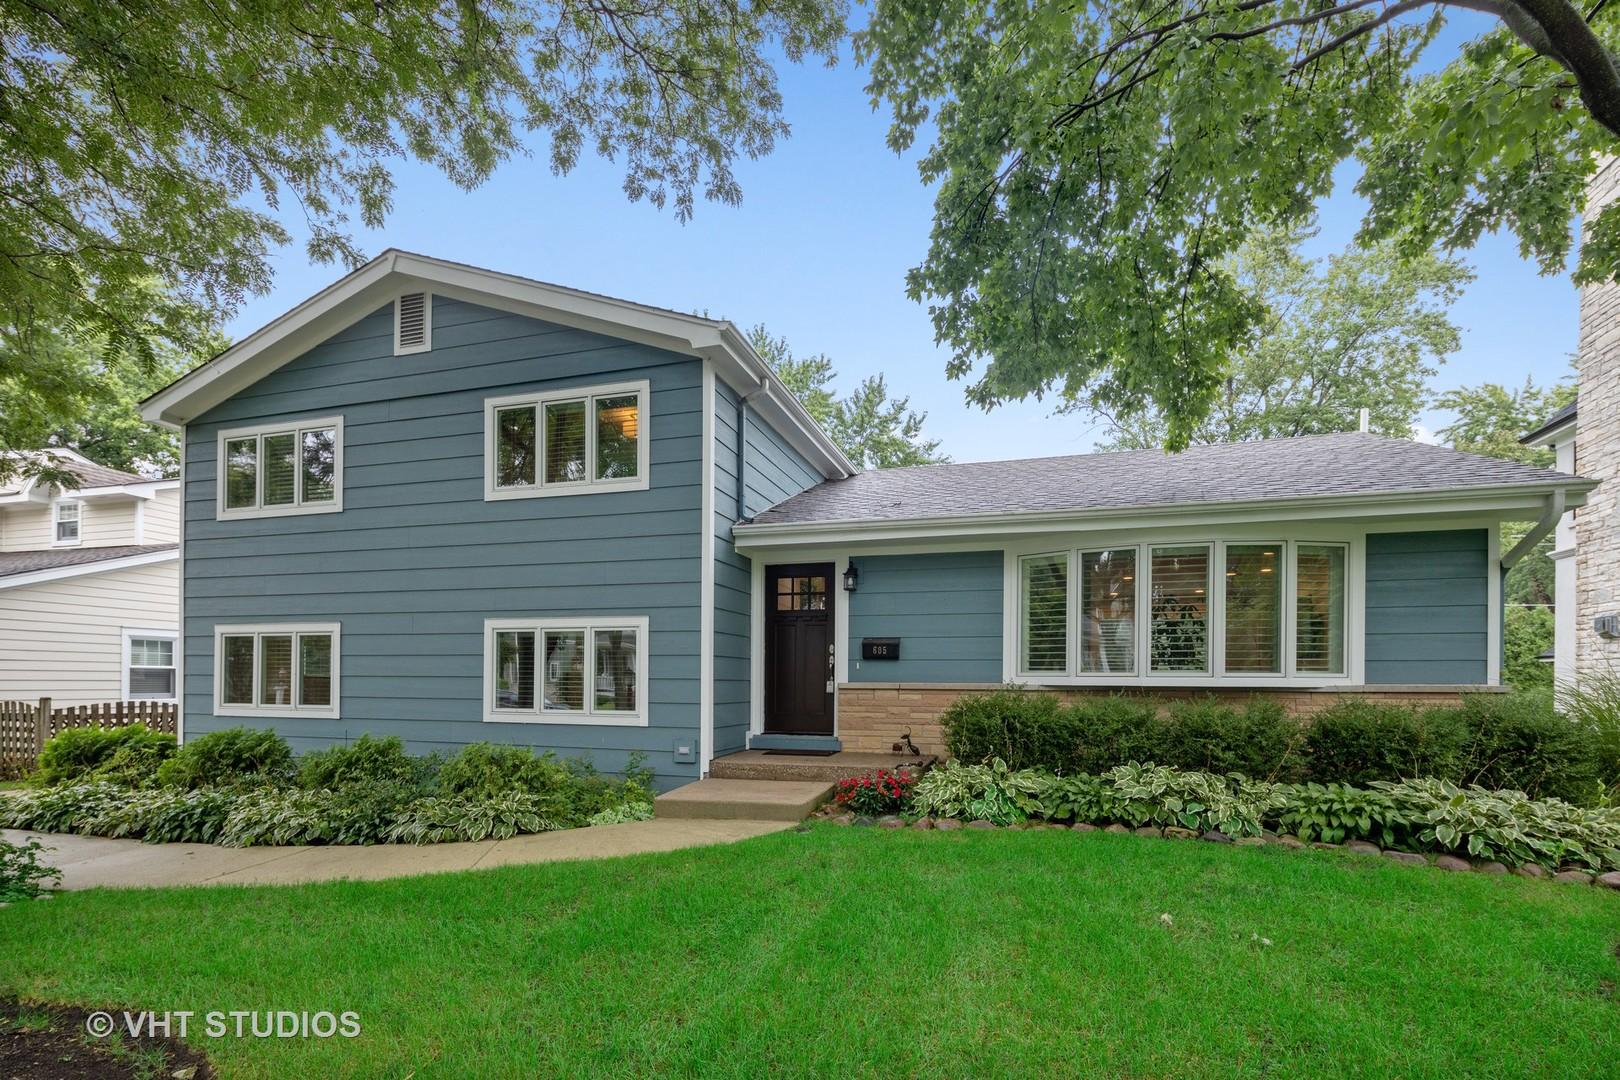 605 Jefferson Street, Hinsdale, Illinois 60521